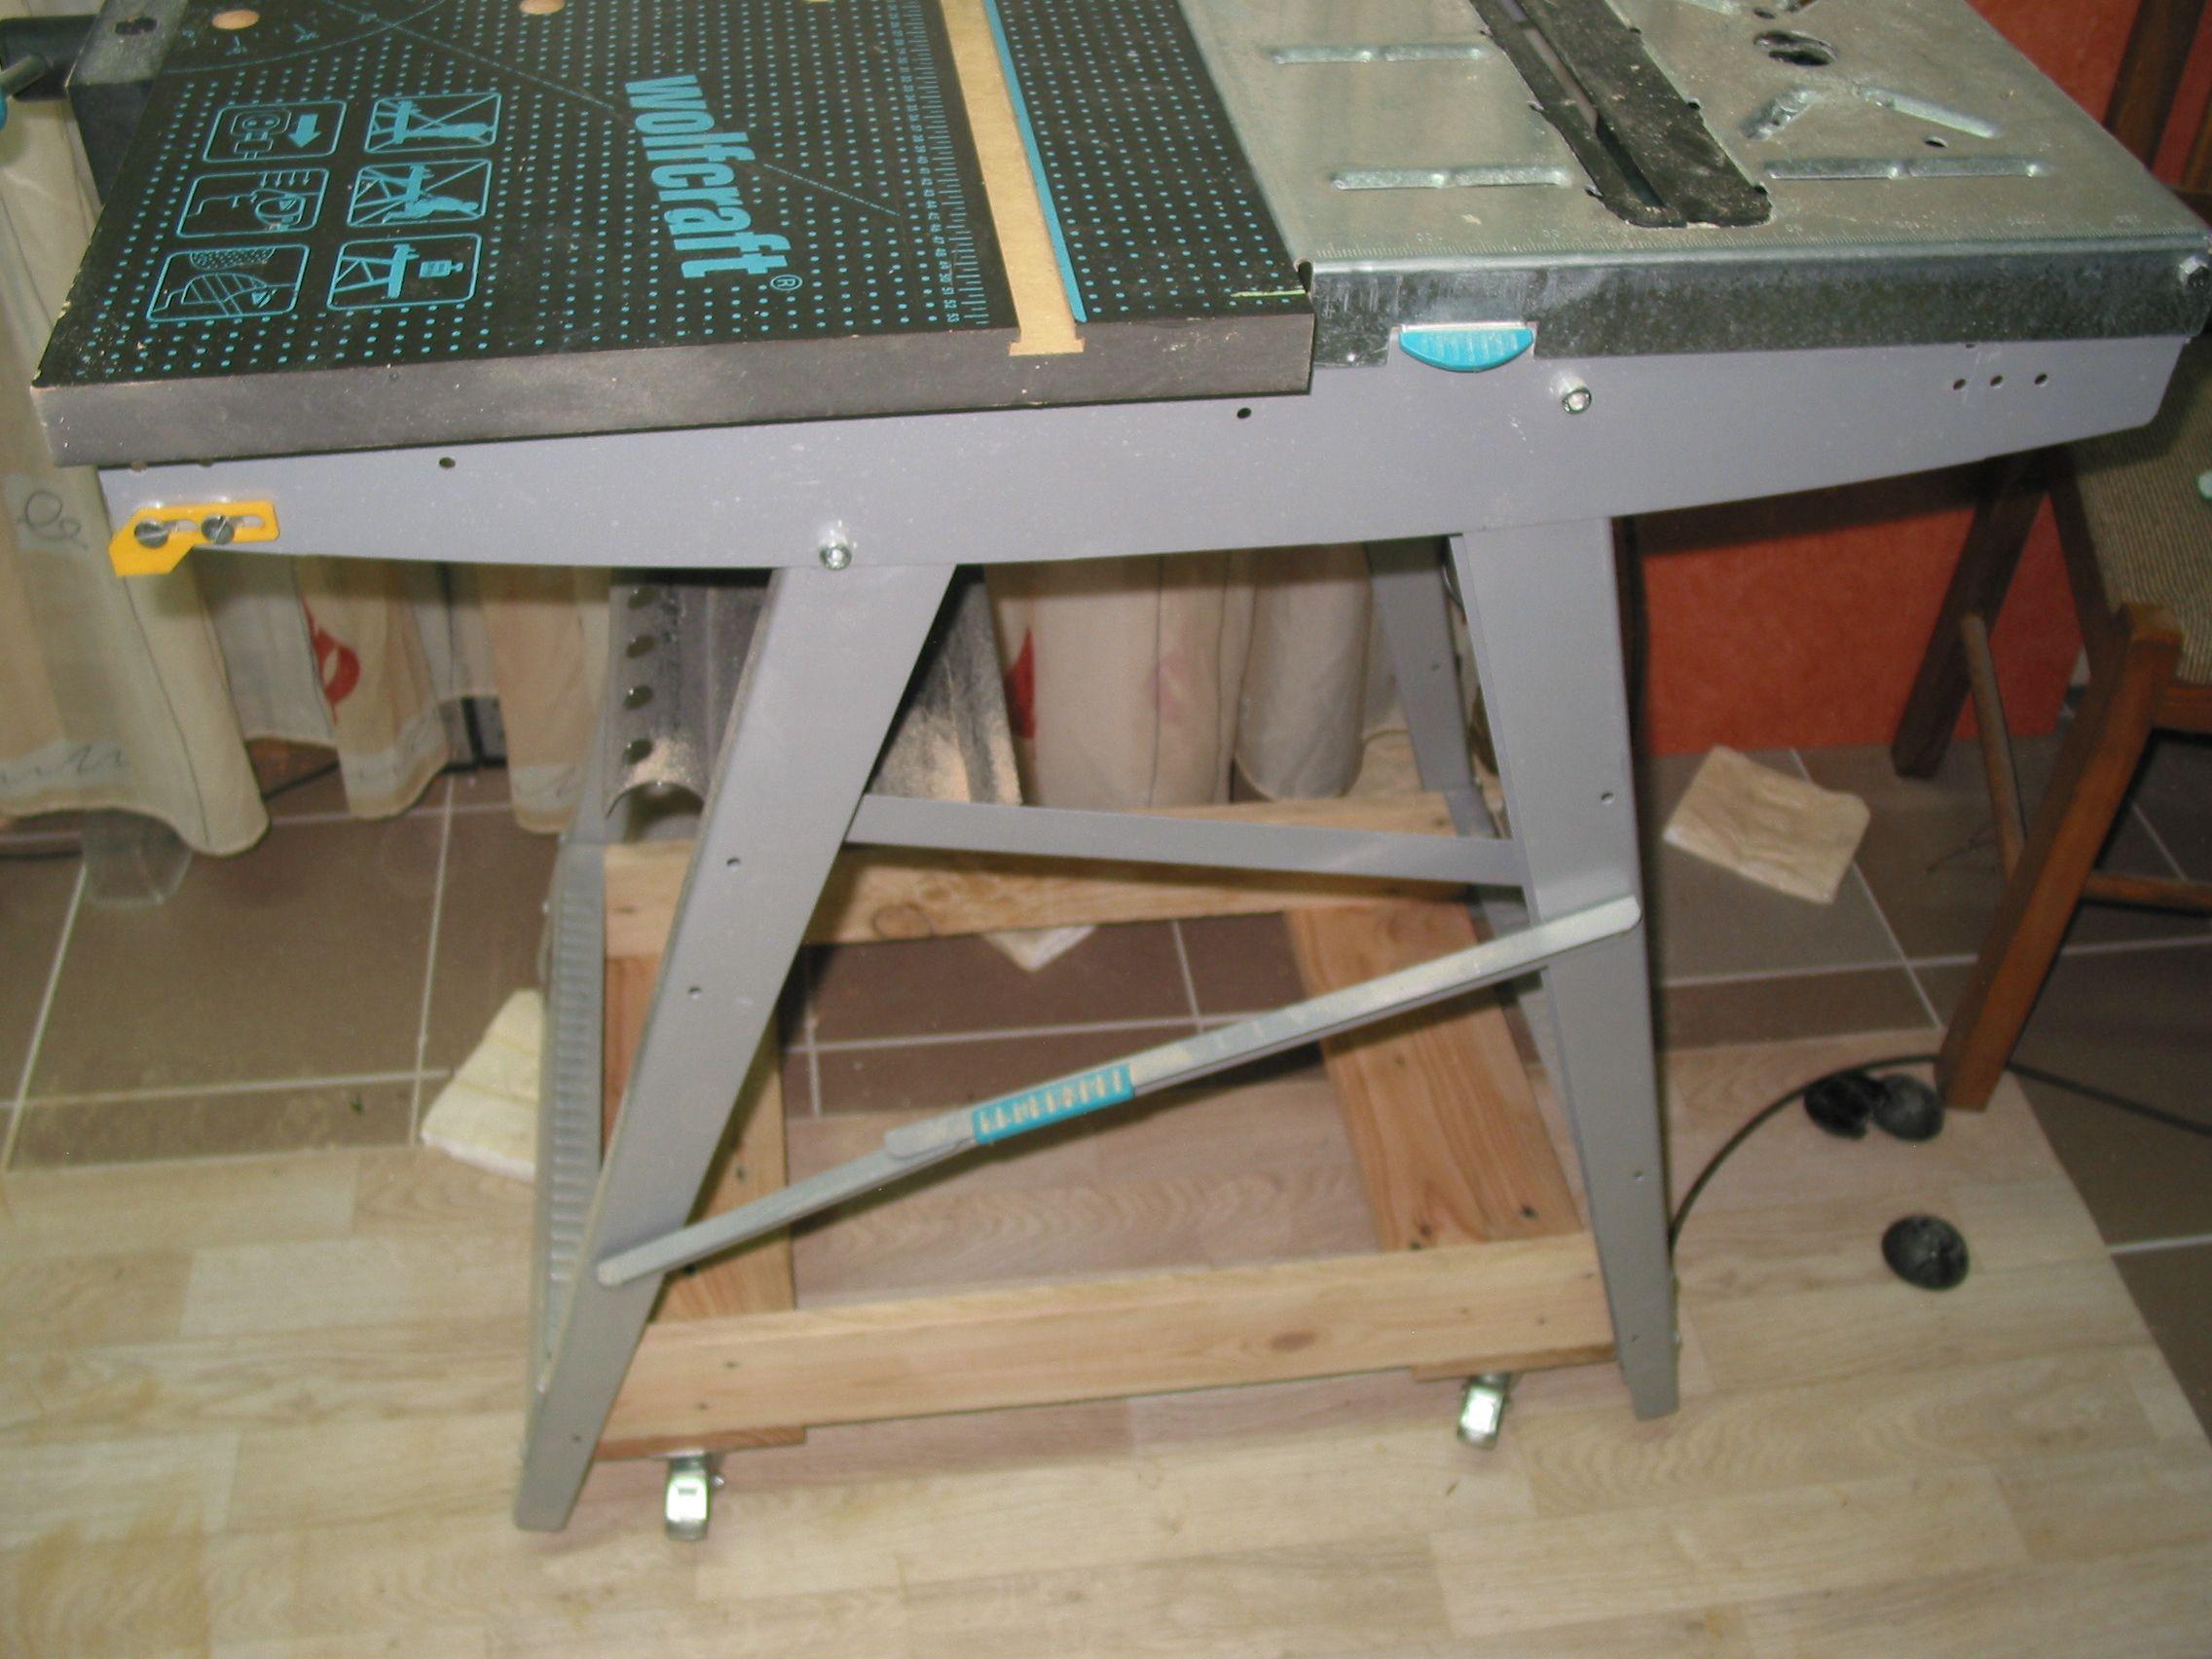 werktisch auf rollen palettenholz bauanleitung zum selber bauen werkstatthelfer 1 2 do. Black Bedroom Furniture Sets. Home Design Ideas